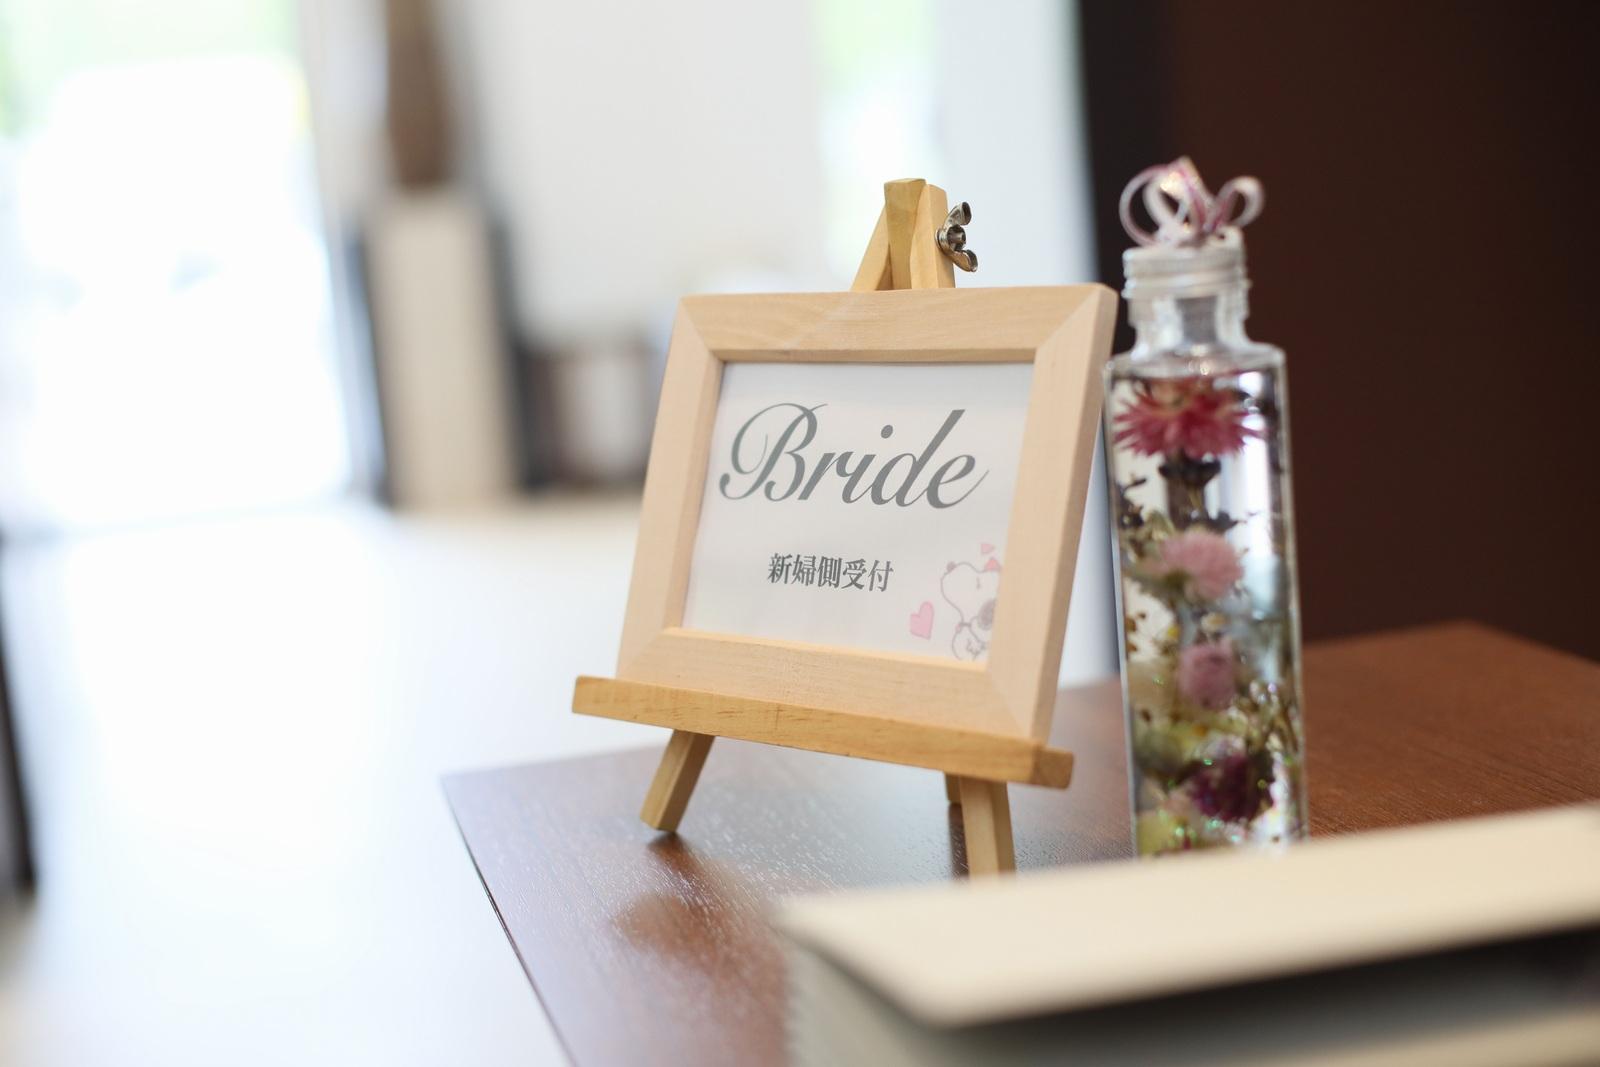 高松市の結婚式場アイルバレクラブの受付 新婦様側の受付ボード